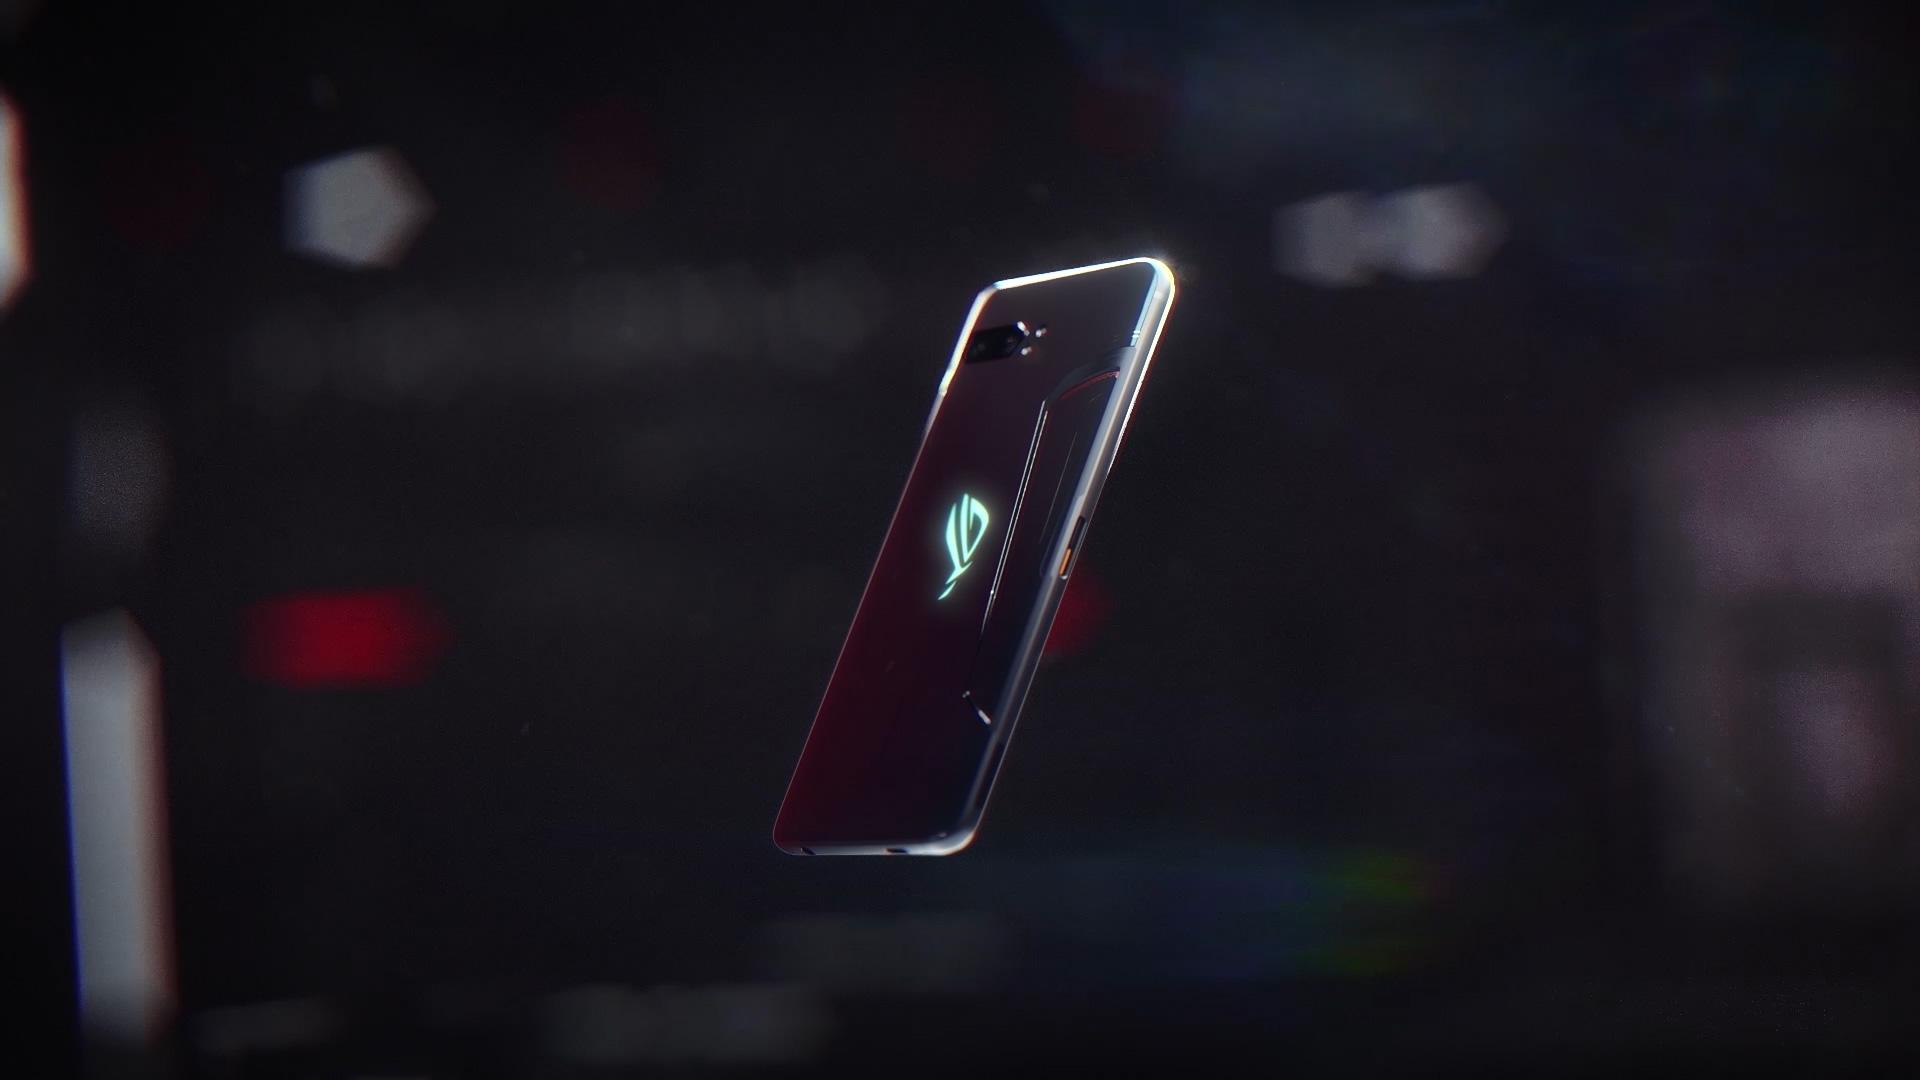 Rog Phone Ii (英文字卡) Hd (0 00 03 13)